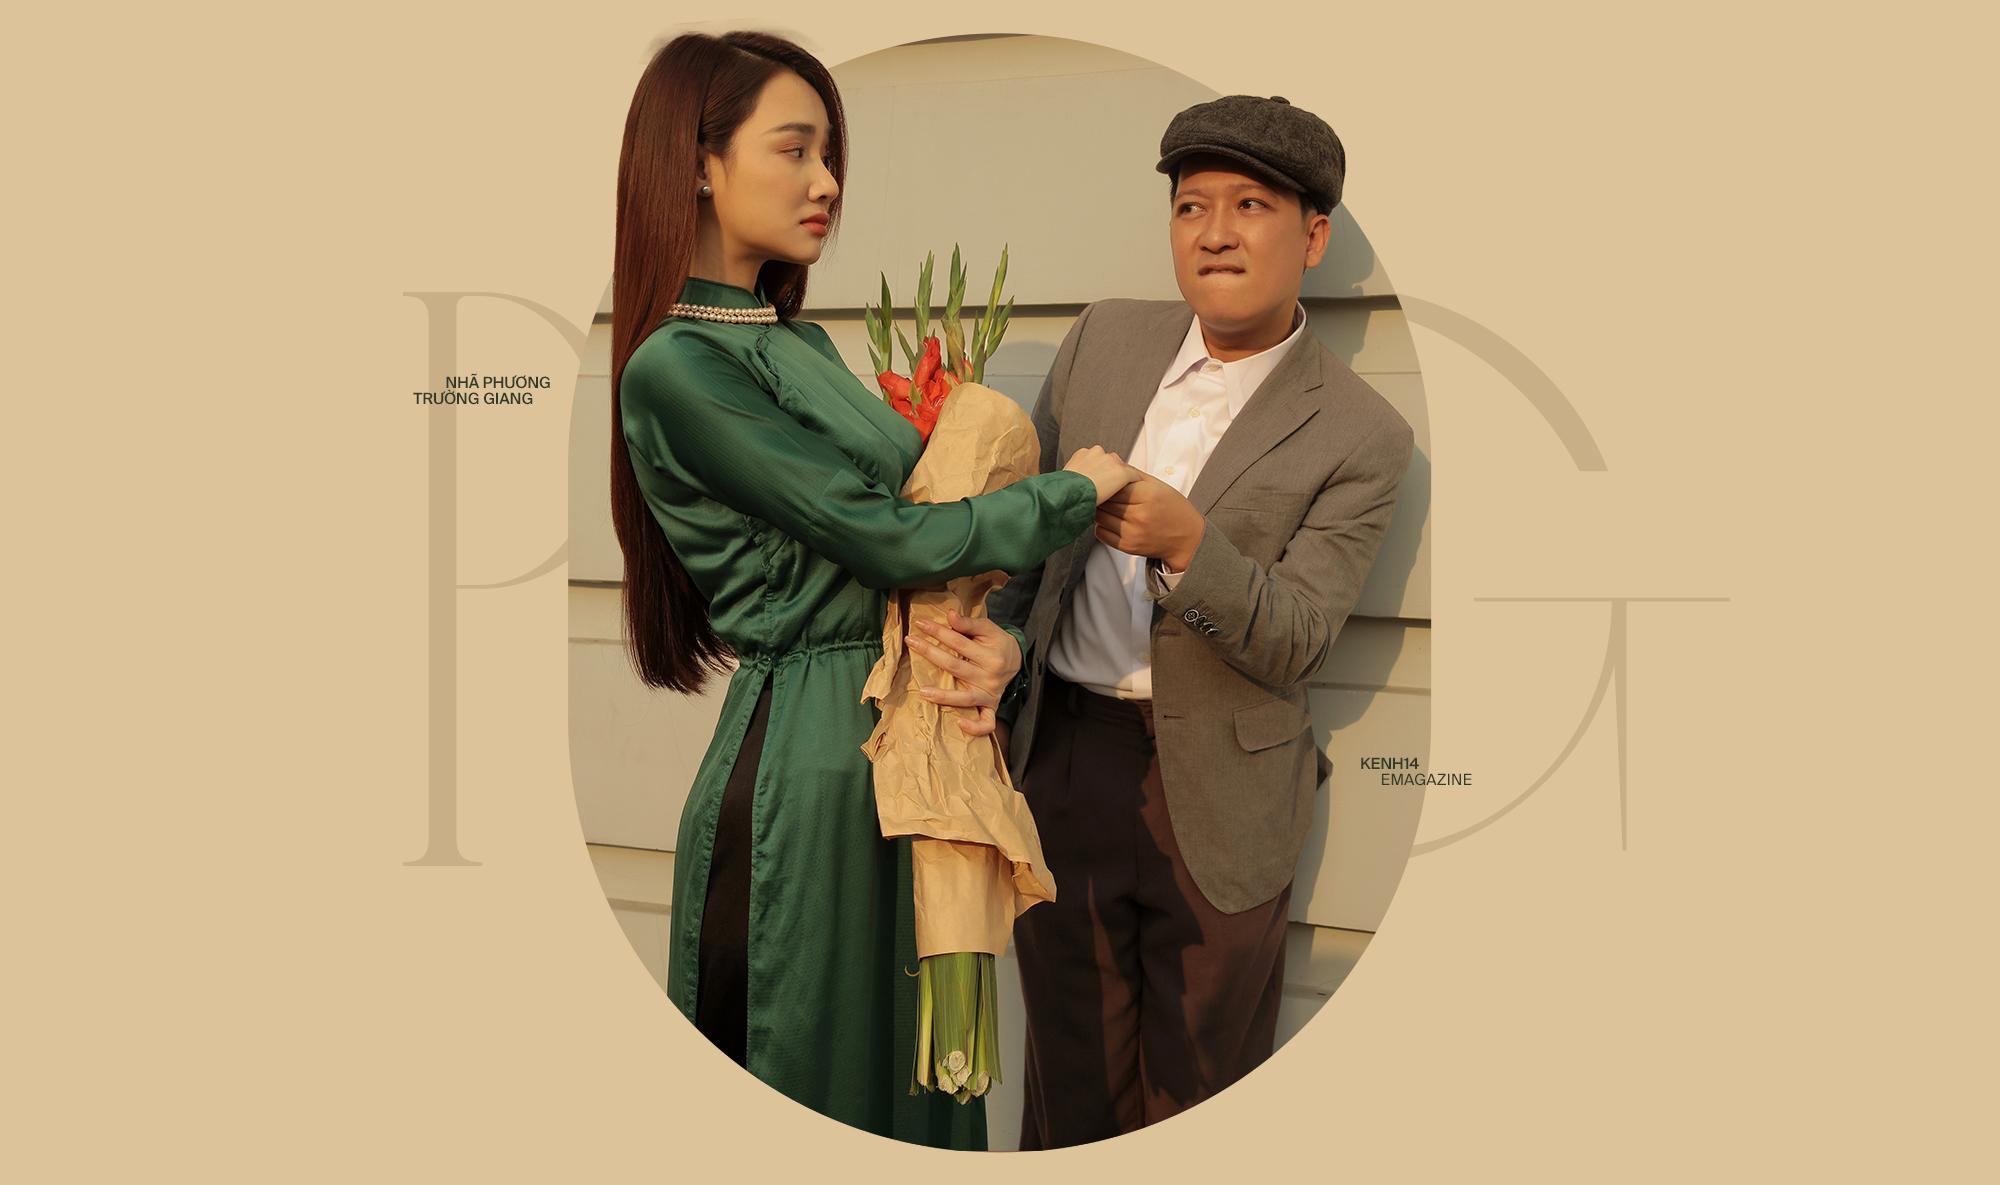 """Lần đầu tiên kể từ khi yêu nhau, Trường Giang - Nhã Phương cùng trả lời phỏng vấn: """"Vợ tui sướng nhất quận Phú Nhuận luôn"""" - Ảnh 7."""